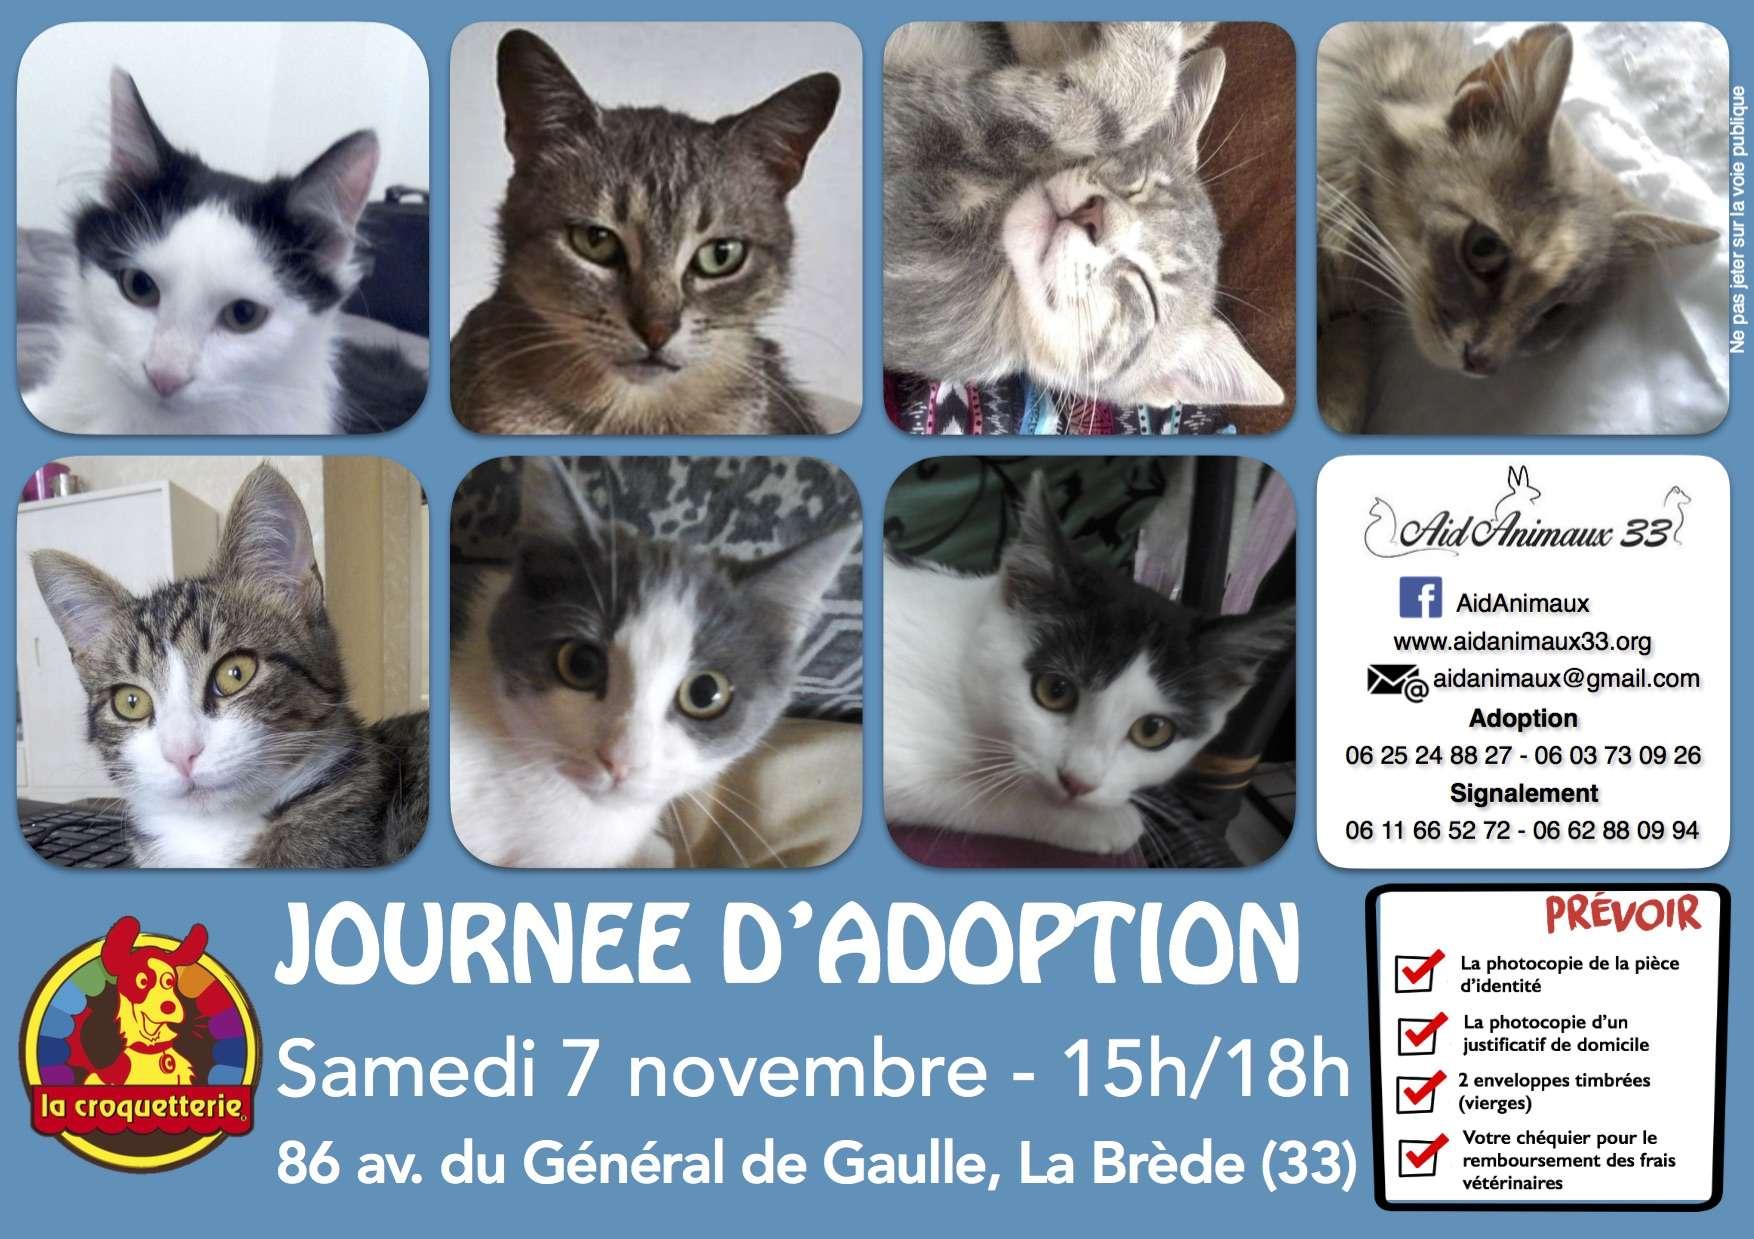 JA du Samedi 7 novembre 2015 - La Brède Ja_20113